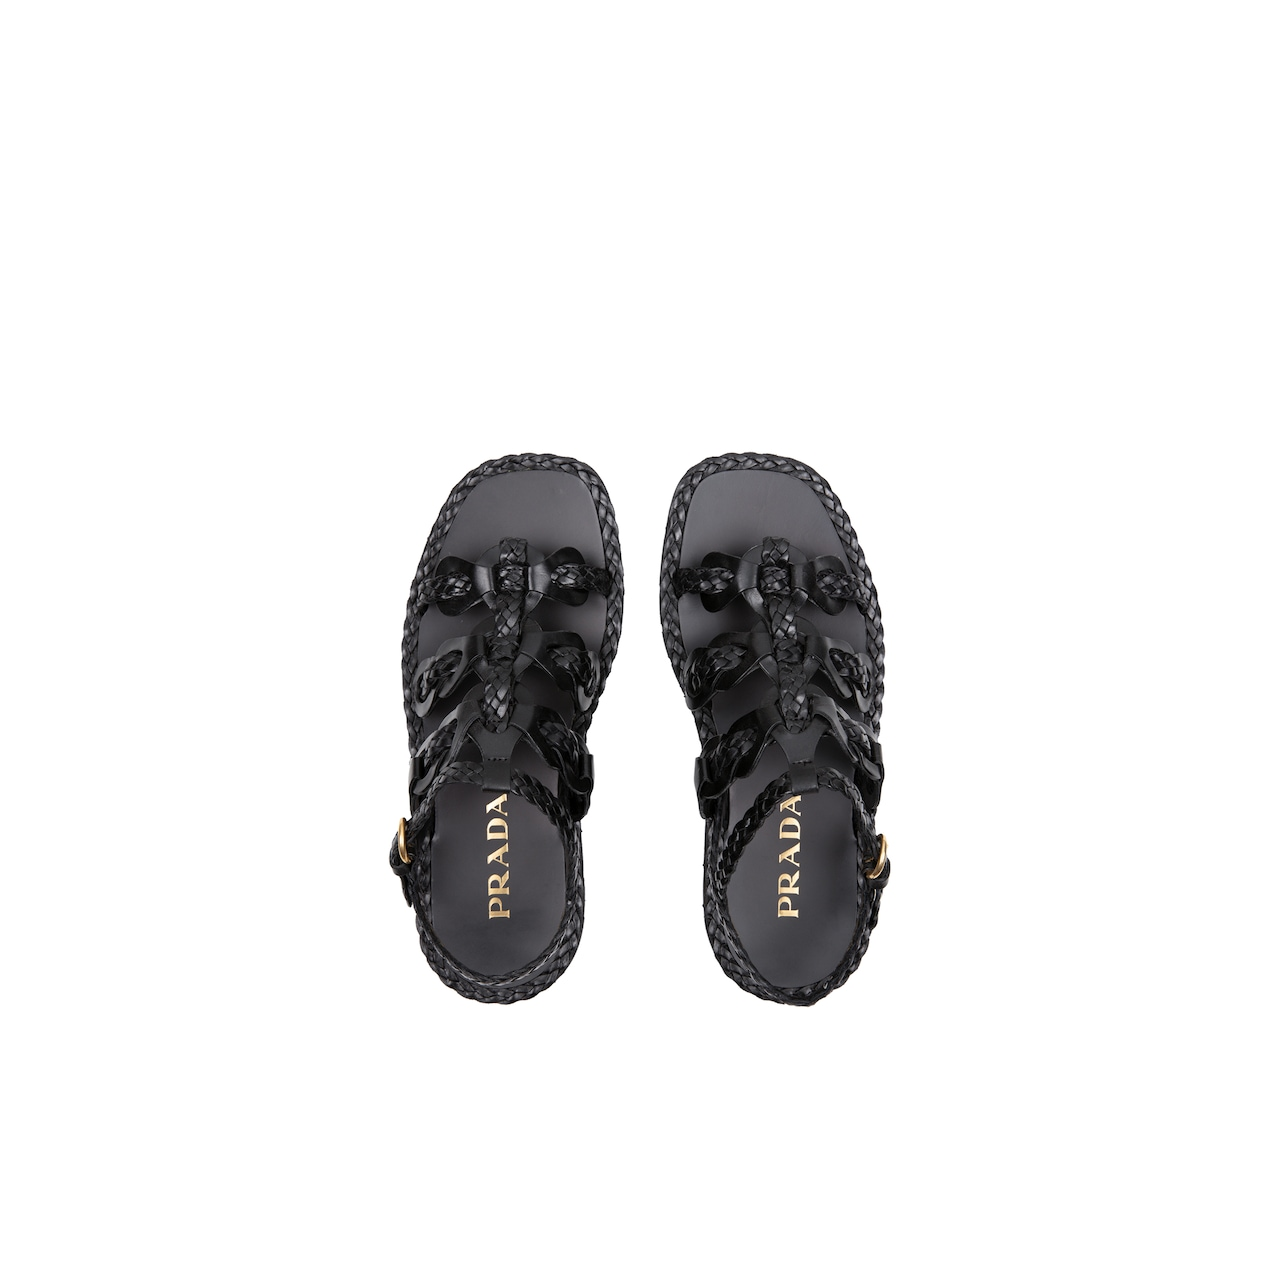 Prada Leather sandals 4